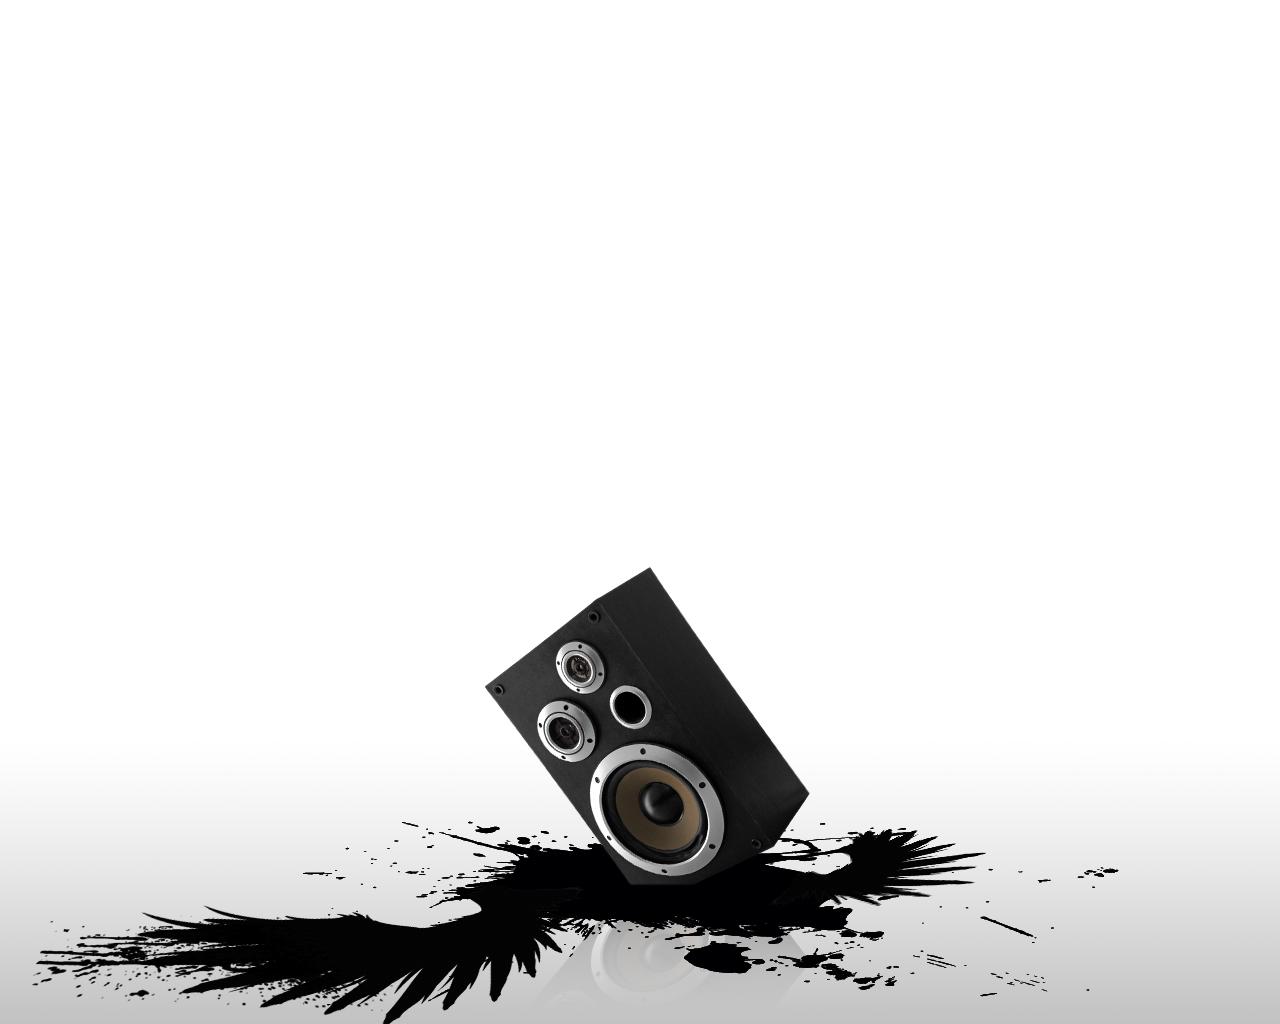 Music Speakers 1280x1024